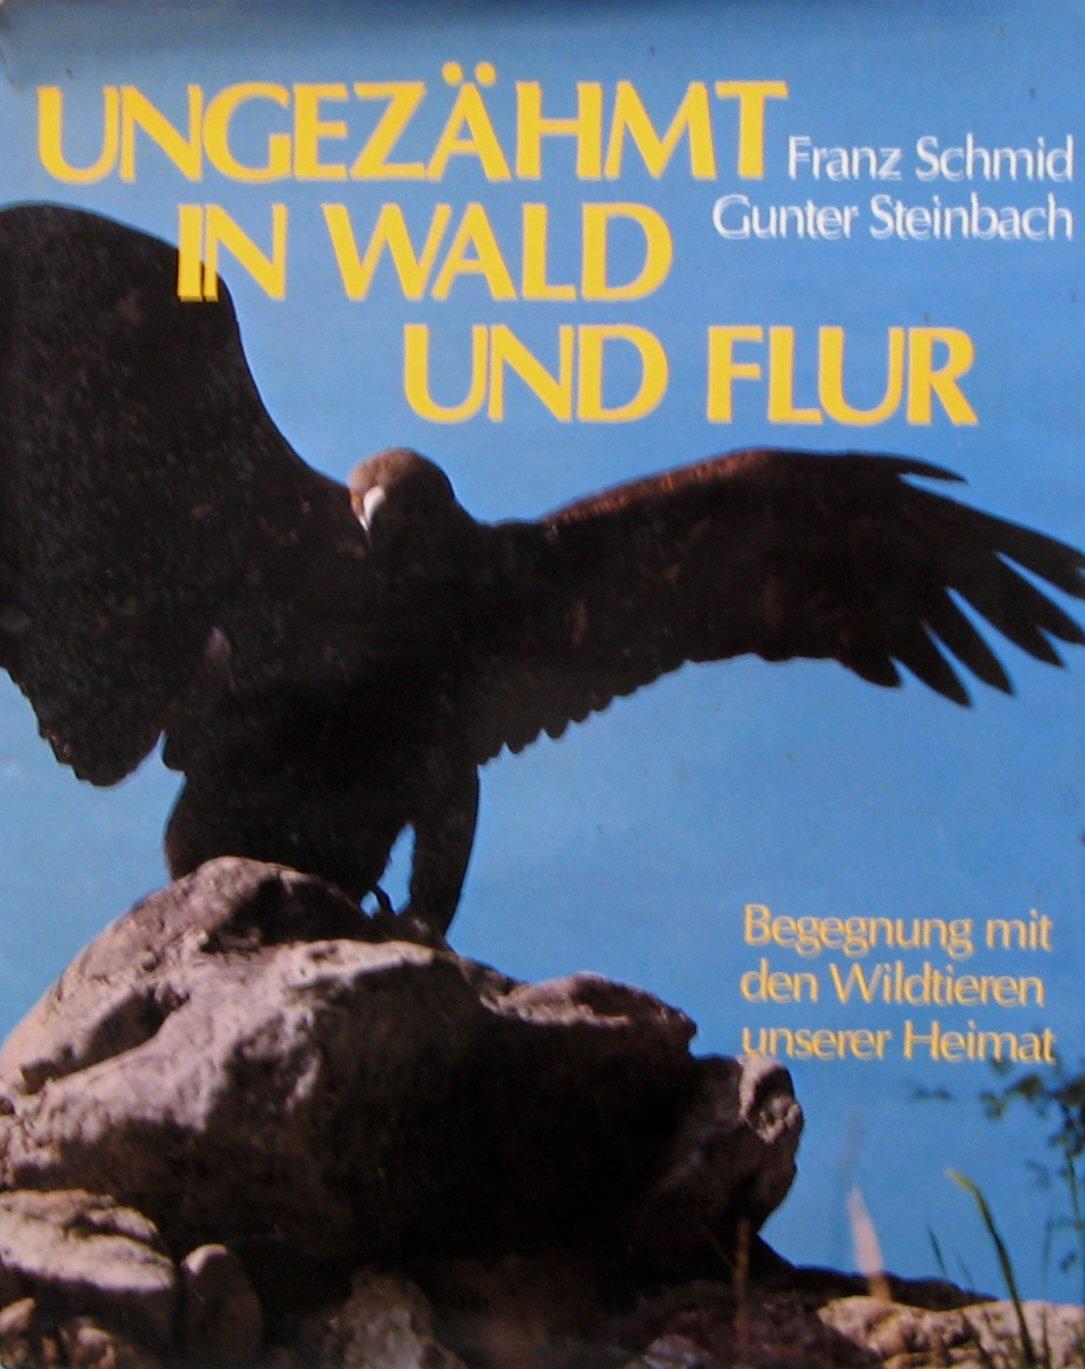 Ungezähmt in Wald und Flur: Begegnung mit den Wildtieren unserer Heimat  (German Edition): Franz Schmid: 9783726362126: Amazon.com: Books